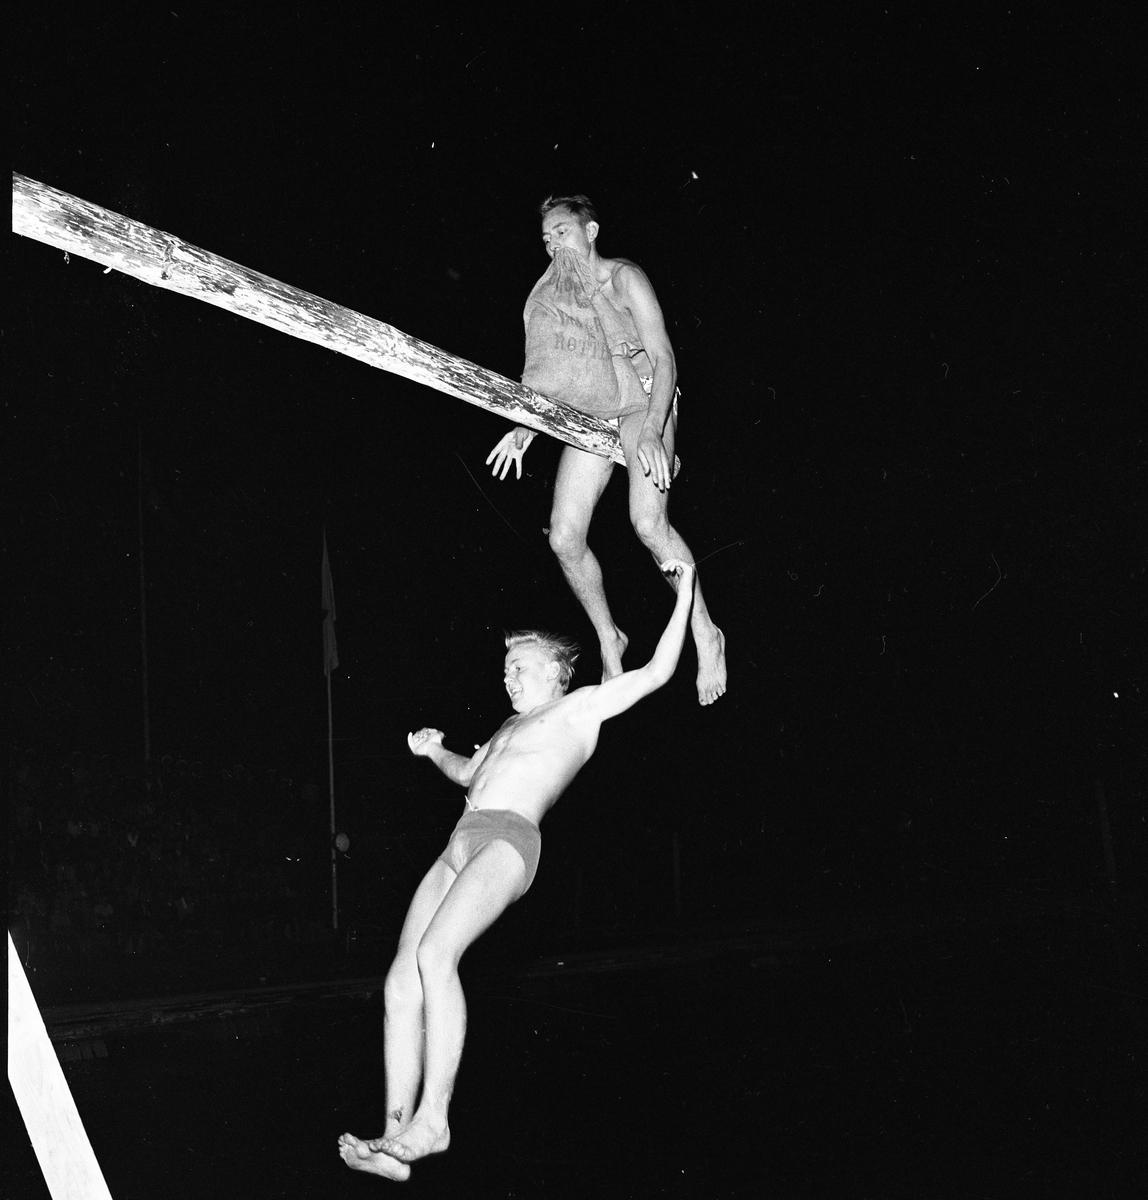 Arboga Simsällskap arrangerar Eldfest vid Villagatsbadet. Två män, iklädda badbyxor, har suttit på en bom / stång över vattnet. De har försökt slå ner varandra med var sin säck. Nu har den ene vunnit och den andre faller ner mot vattnet. Publiken anas till vänster i bild.